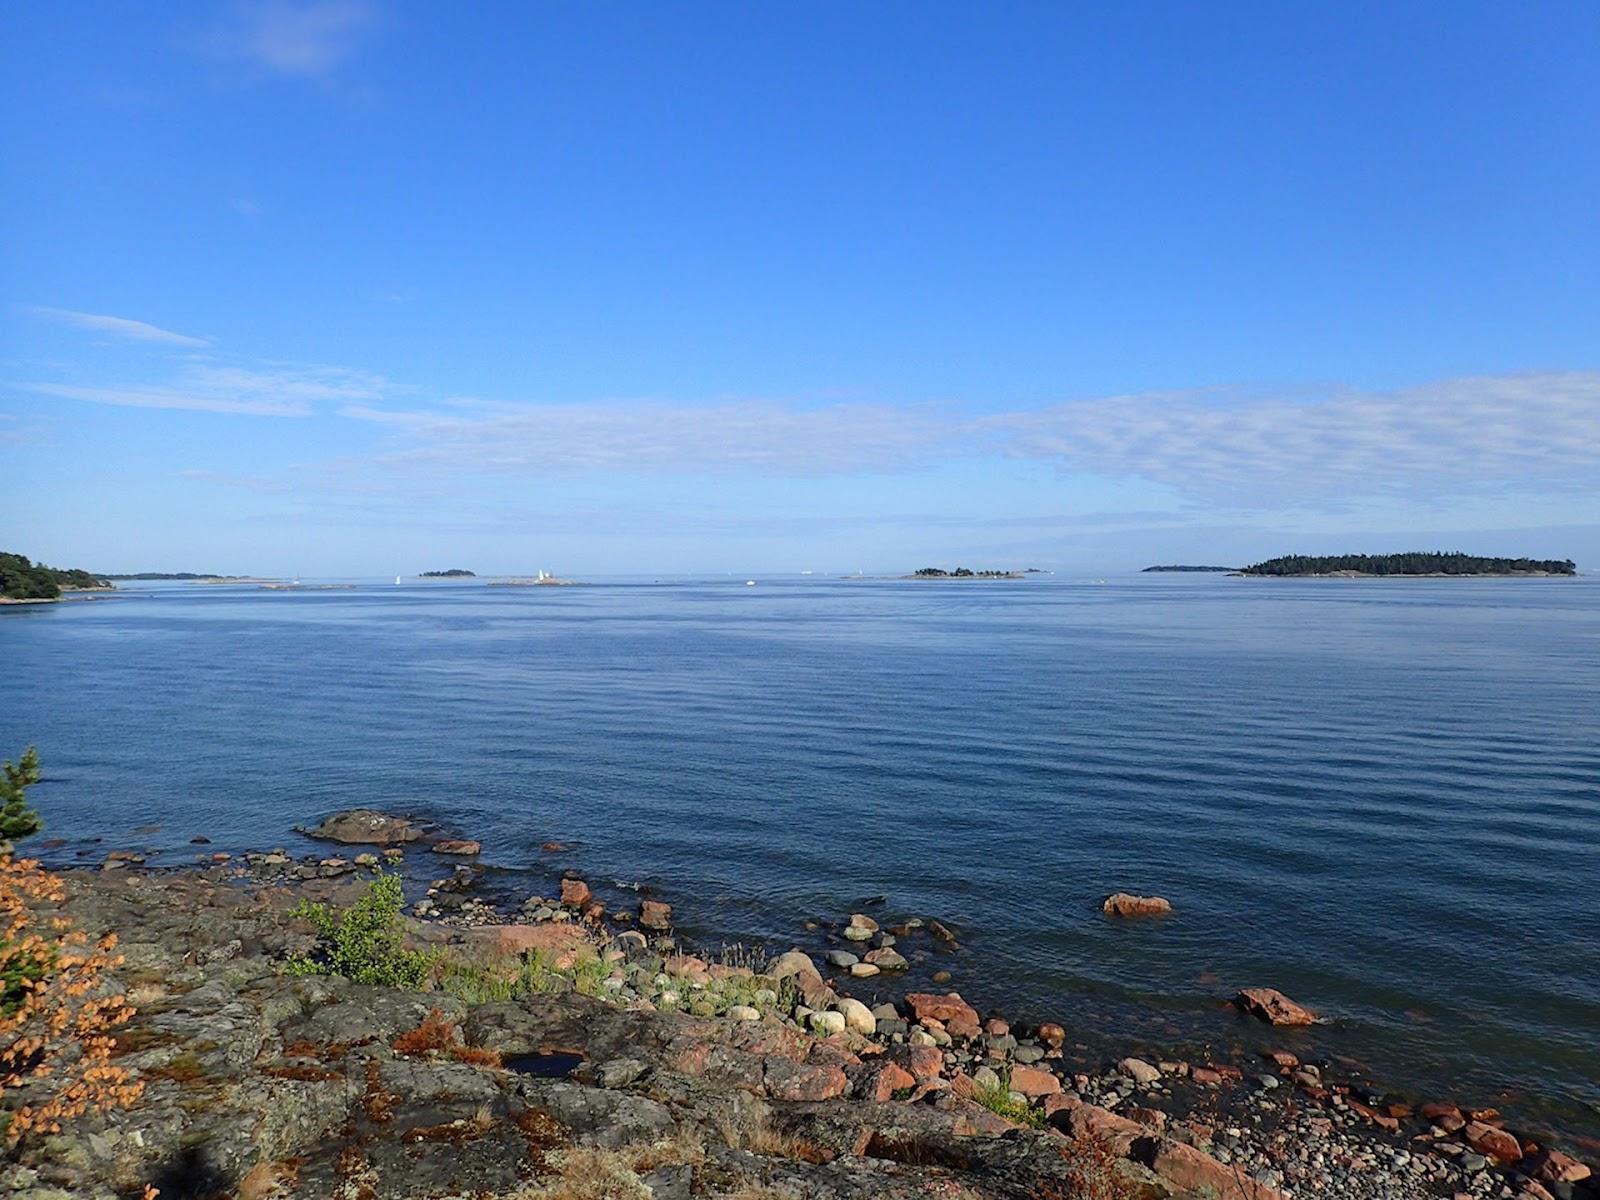 Merelle päivän katsoessa vesi lainehtii sinisenä eikä sinilevää huomaa